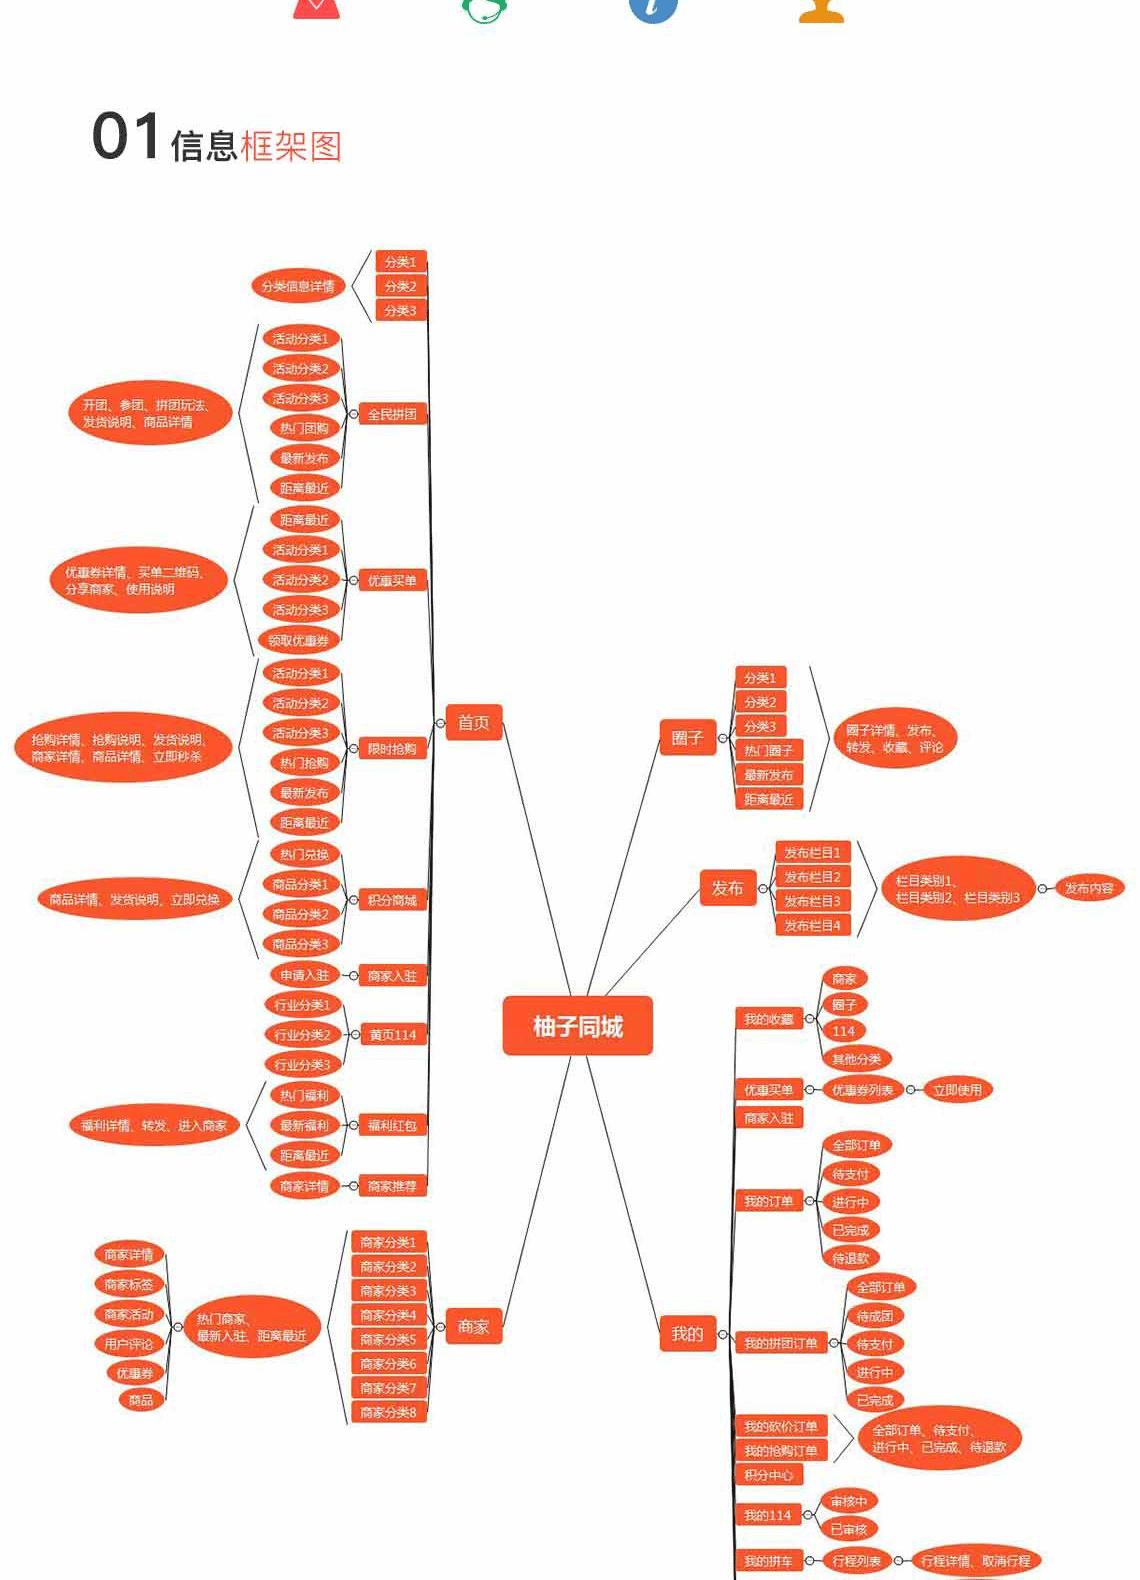 微擎柚子智慧同城小程序V1.1.8商用无限版 前端+后端-米酷主题